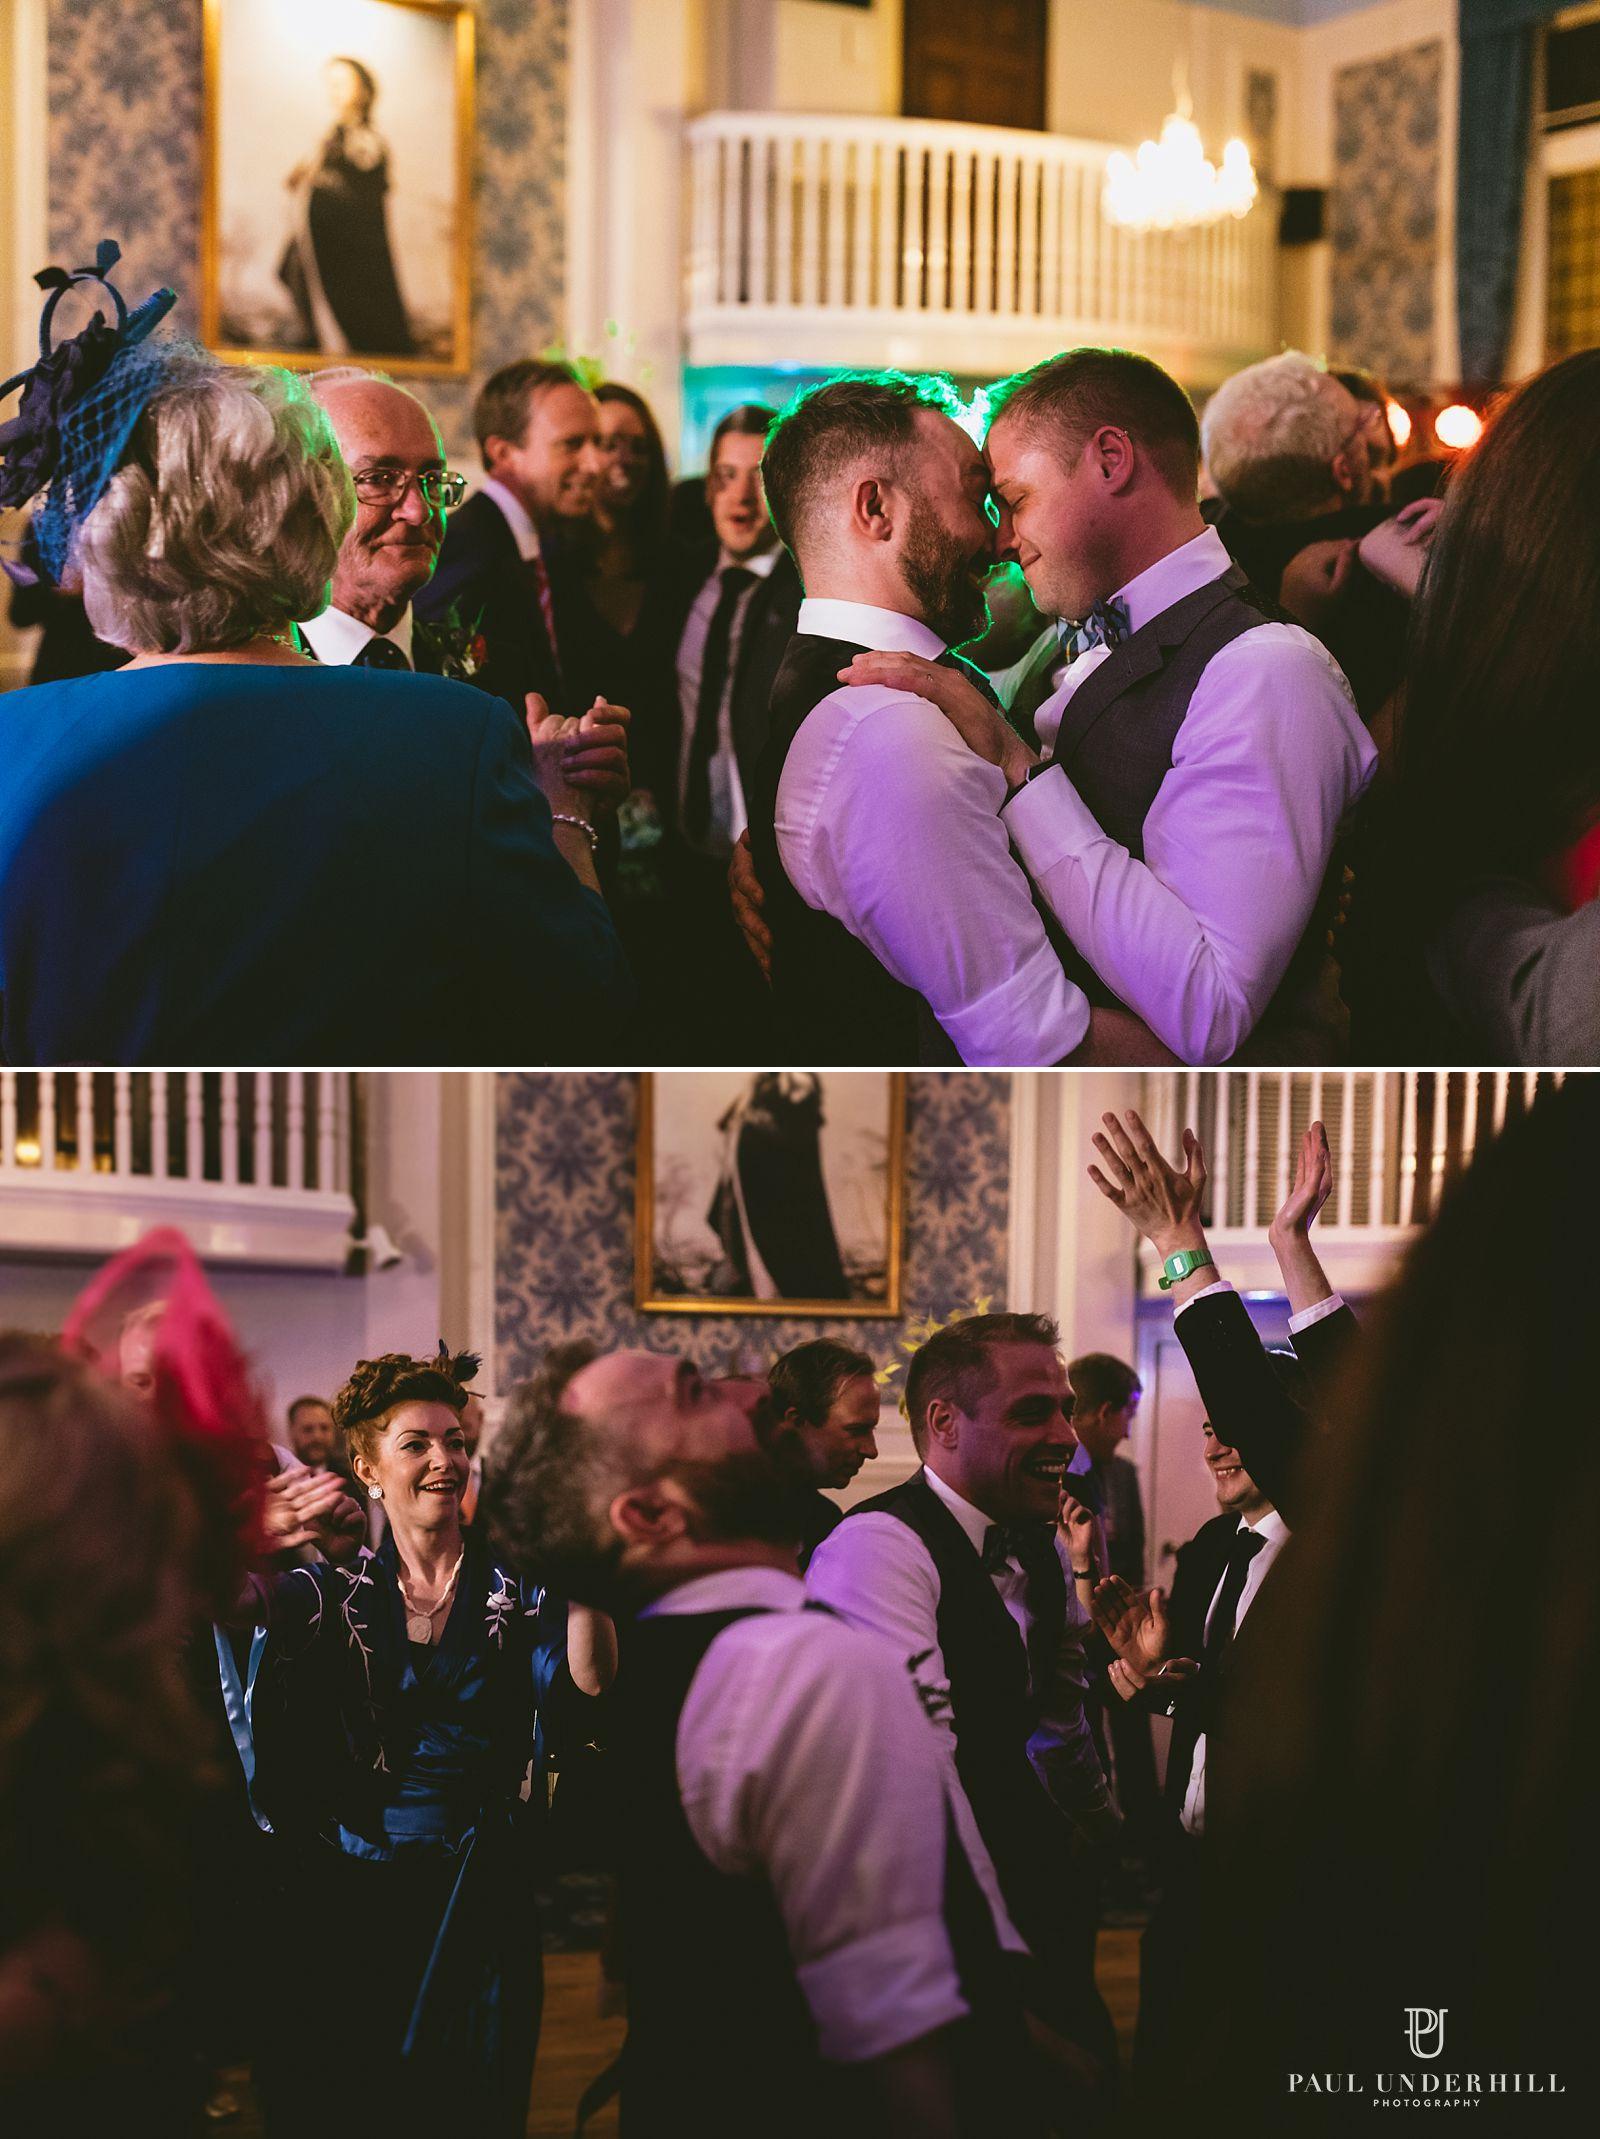 gay-couple-dancing-london-wedding